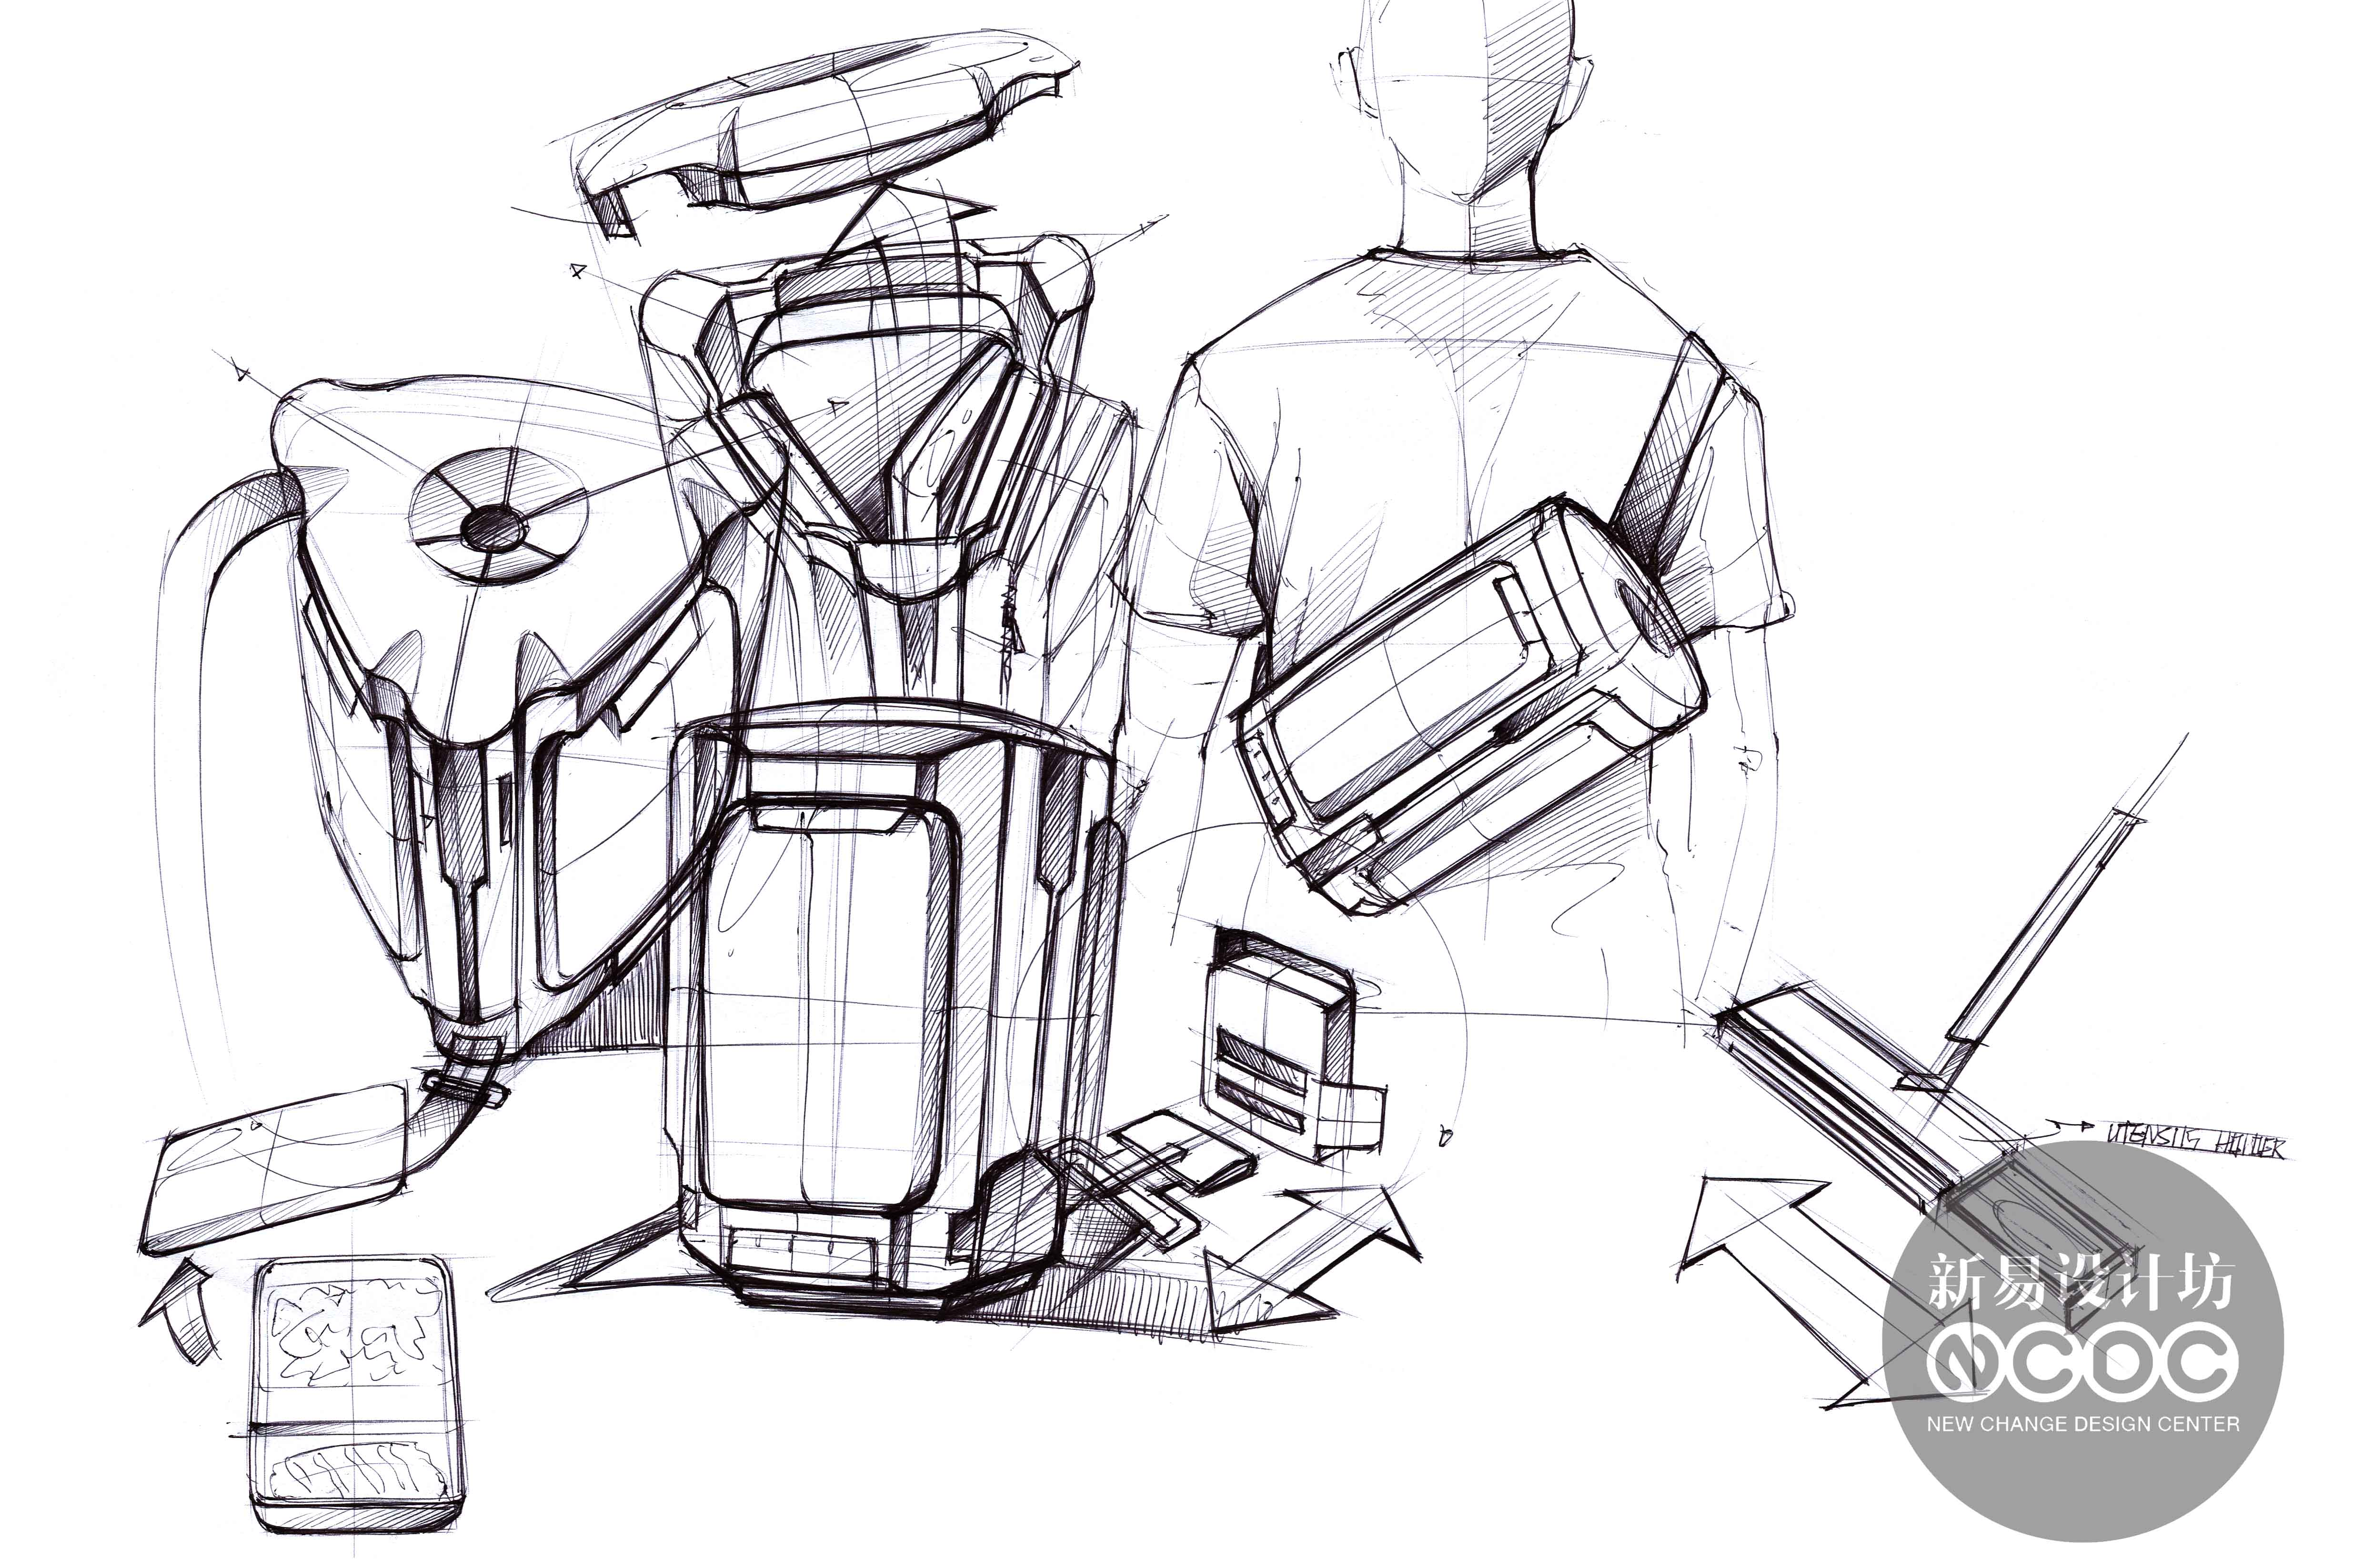 工业设计手绘;手绘超精致表达;新易设计坊